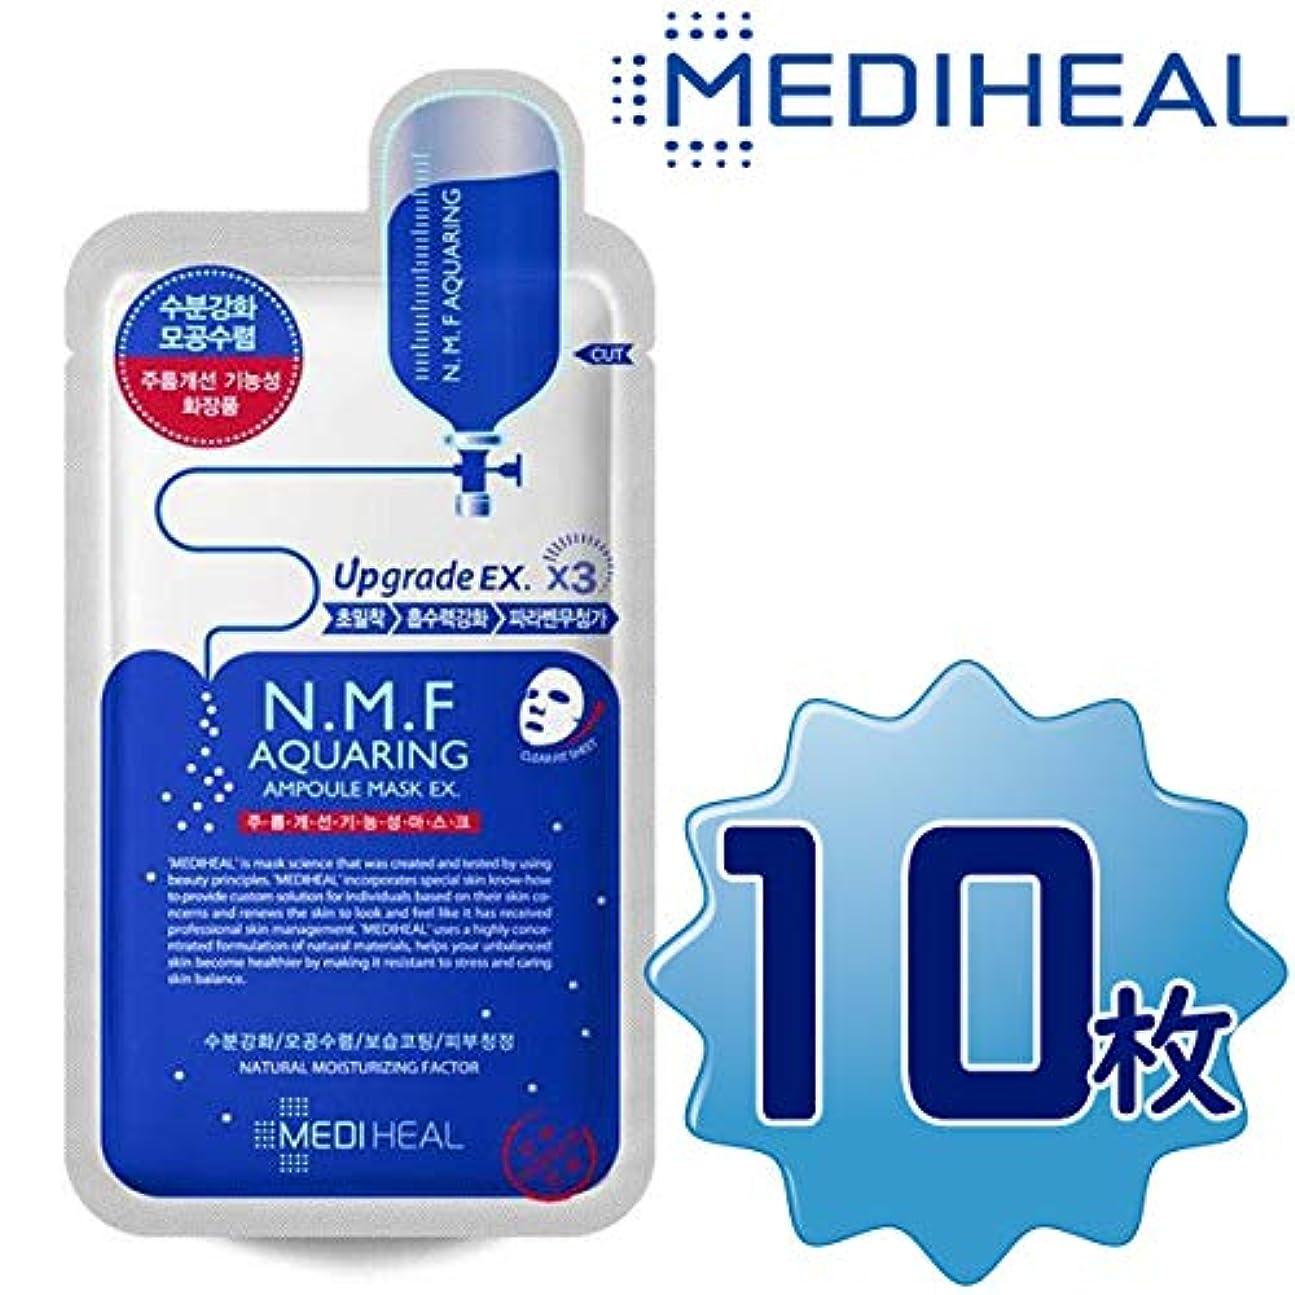 アサー医療過誤罪【正規輸入品】Mediheal メディヒール N.M.F アクアリング アンプル?マスクパックEX 10枚入り×1(Aquaring Ampoule Essential Mask PackEX 1box(10sheet)×1